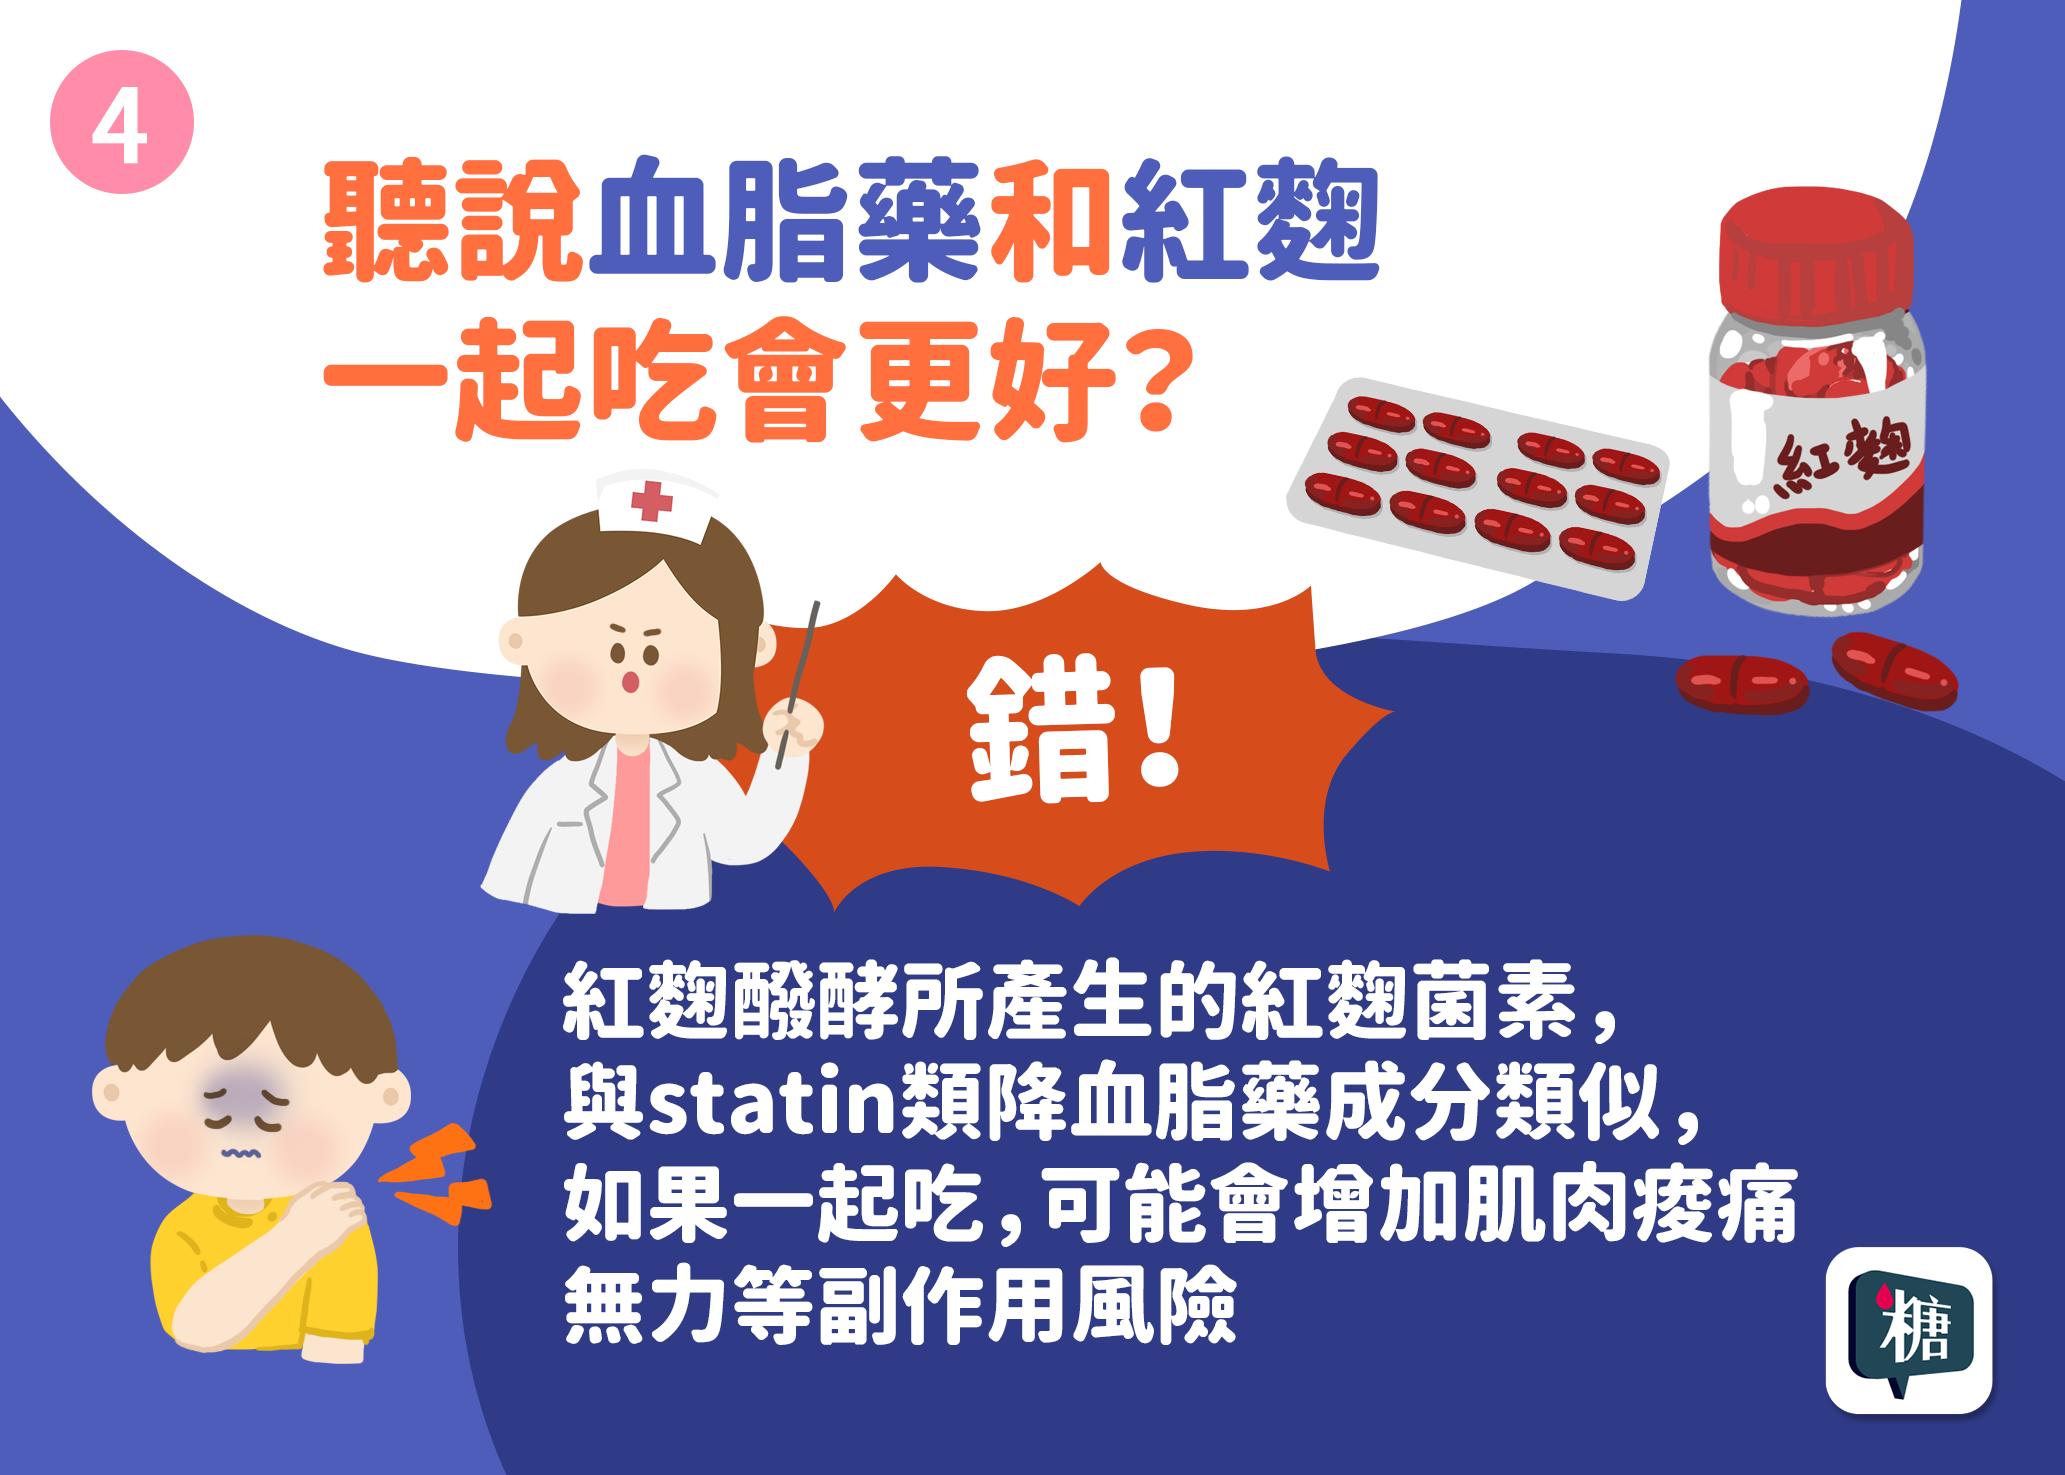 降血脂健康食品迷思,您真懂降血脂藥、健康食品嗎?正確控制血脂